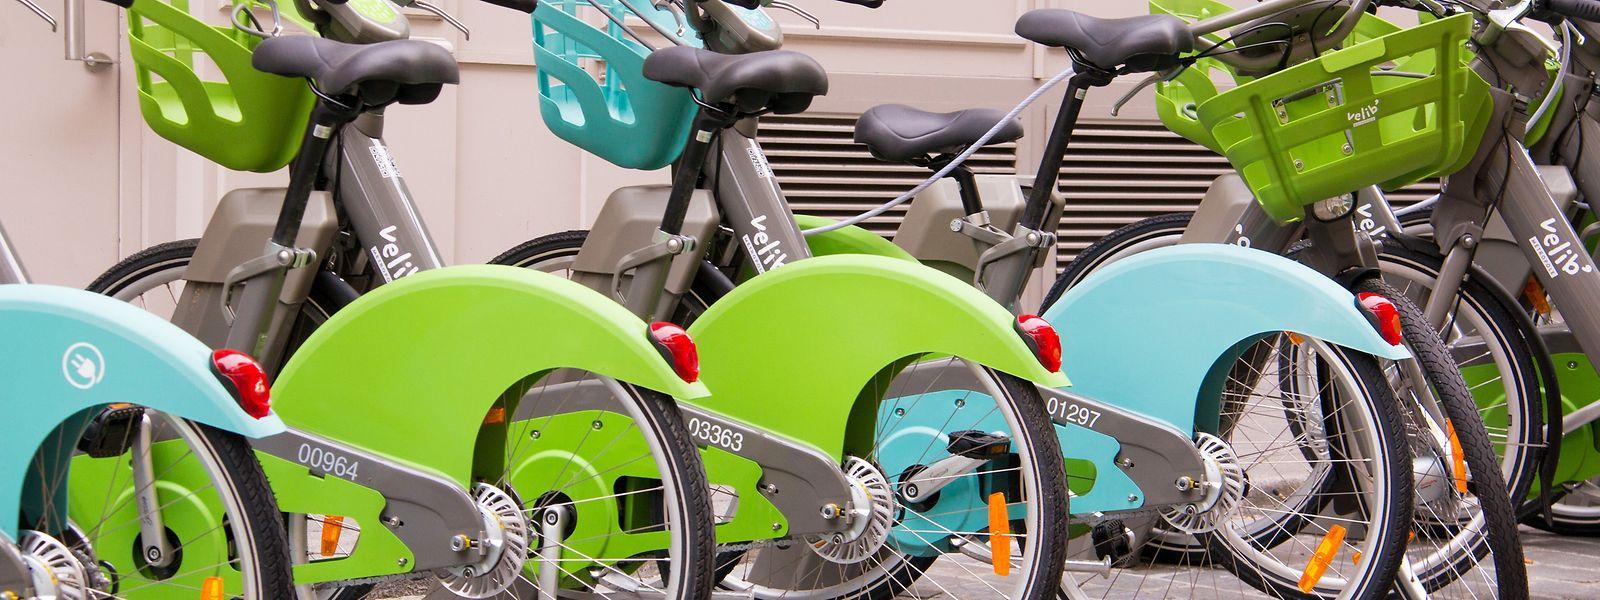 Leichter, schöner und leider auch rar: Velib-Kunden finden neuerdings nur selten ein Rad, wenn sie eins brauchen.